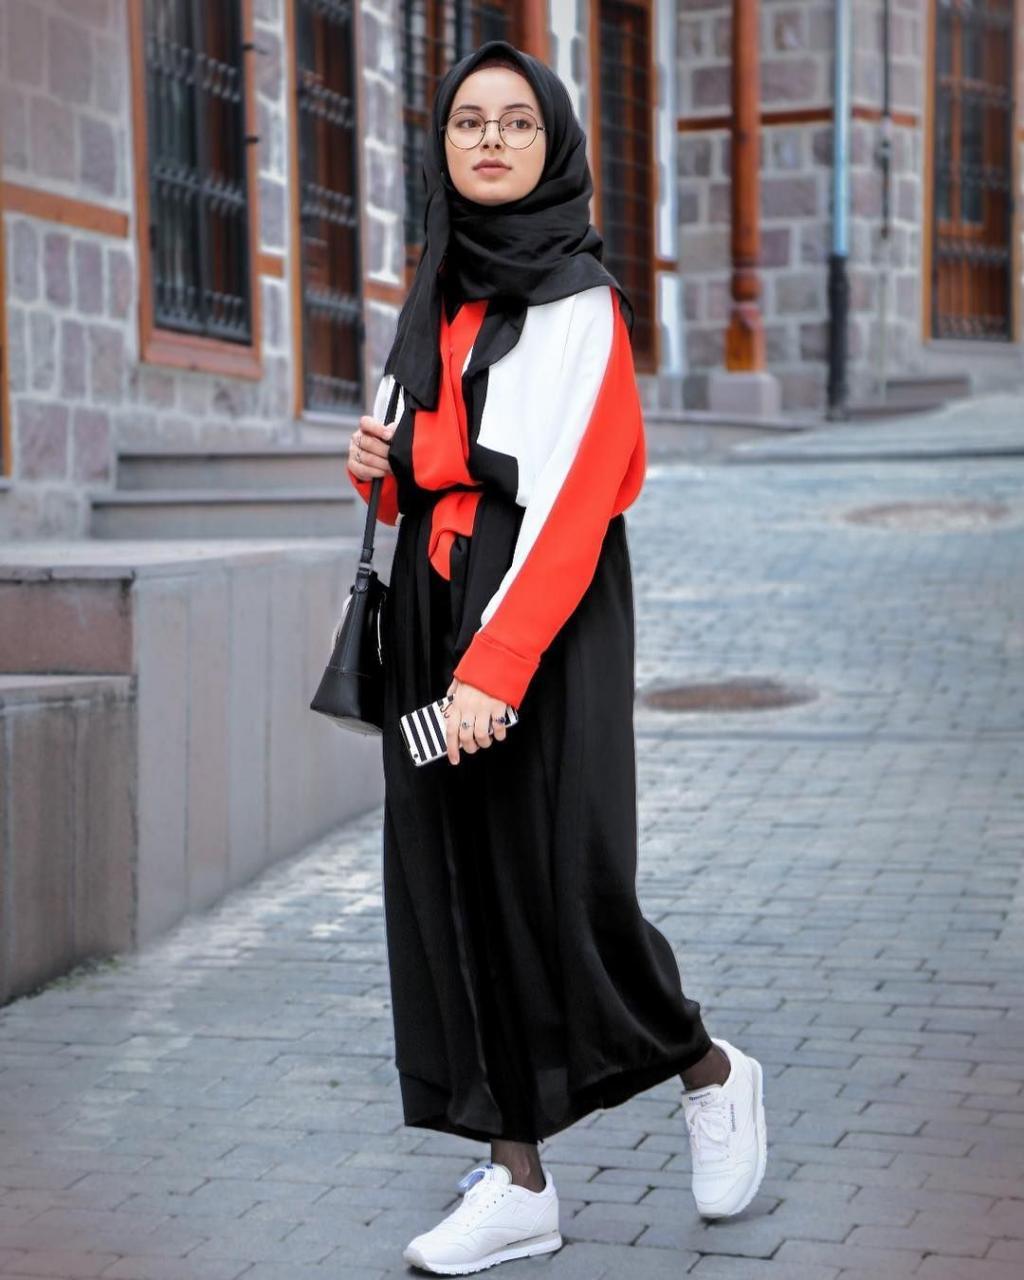 صورة اجمل الكلام عن حجاب المرأه, تعبير عن الحجاب